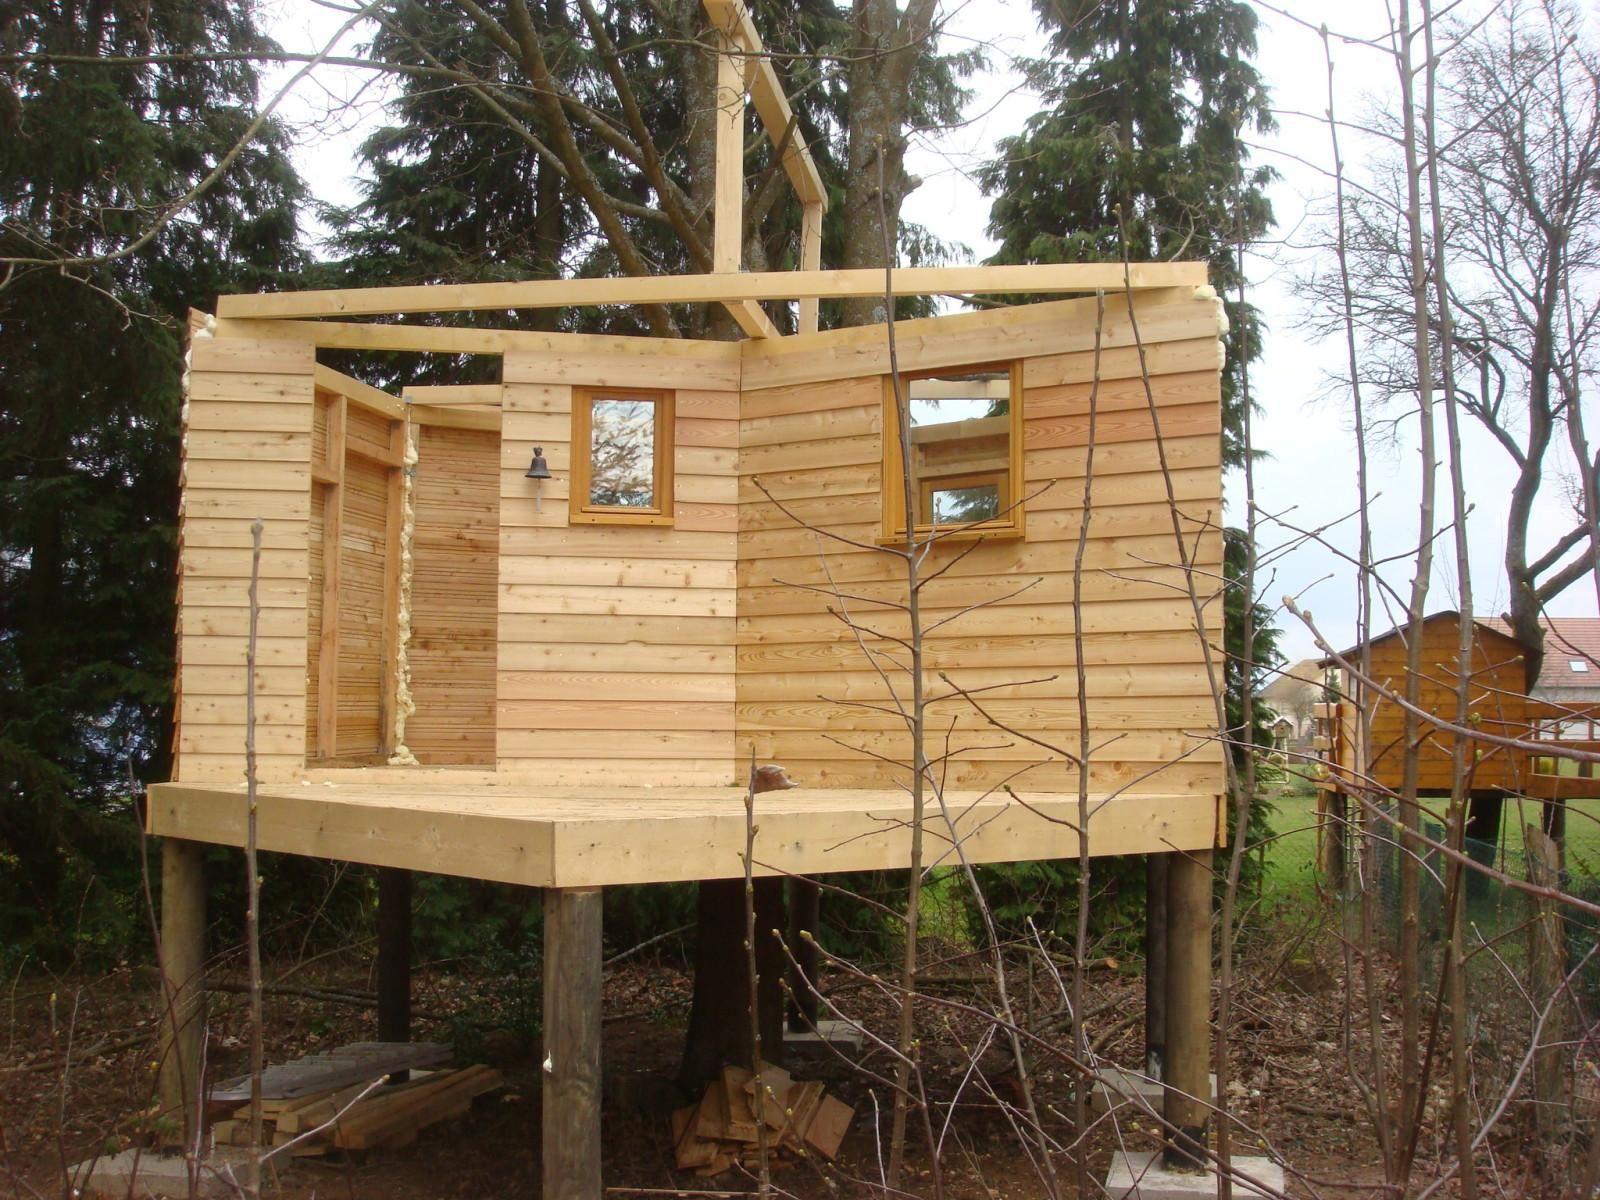 16 Maison Bois Sur Pilotis Sans Permis De Construire en ...